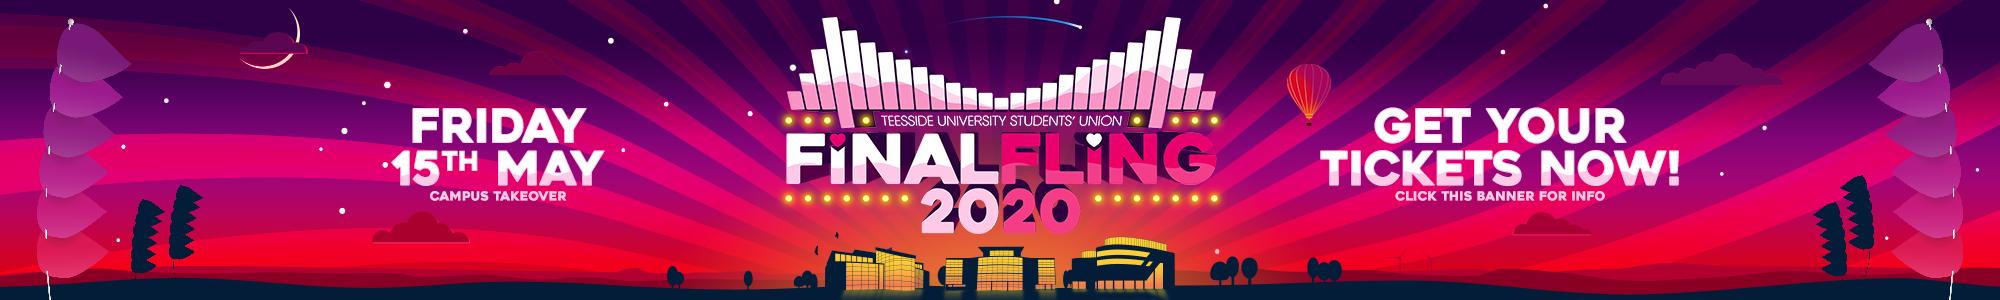 Fling 2020 homepage web